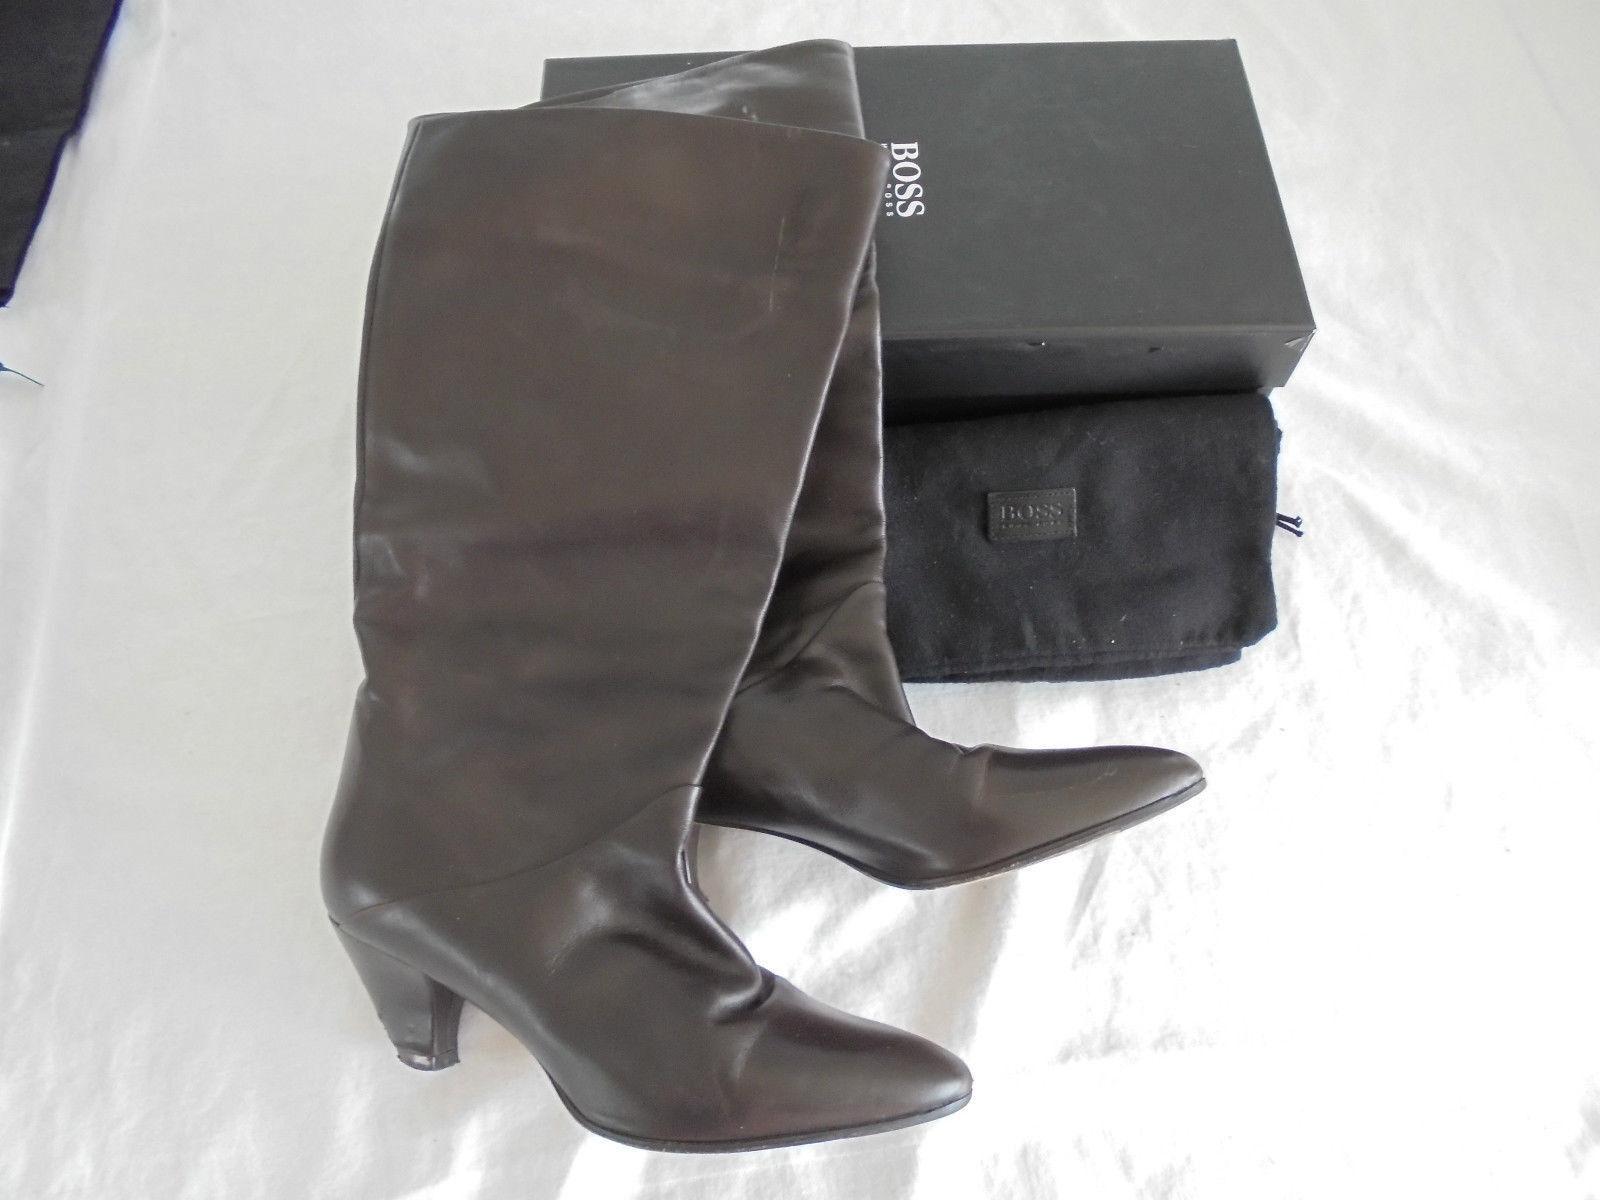 Hugo Boss botas de cuero NP  top zapatos de salón tacón alto bolsa